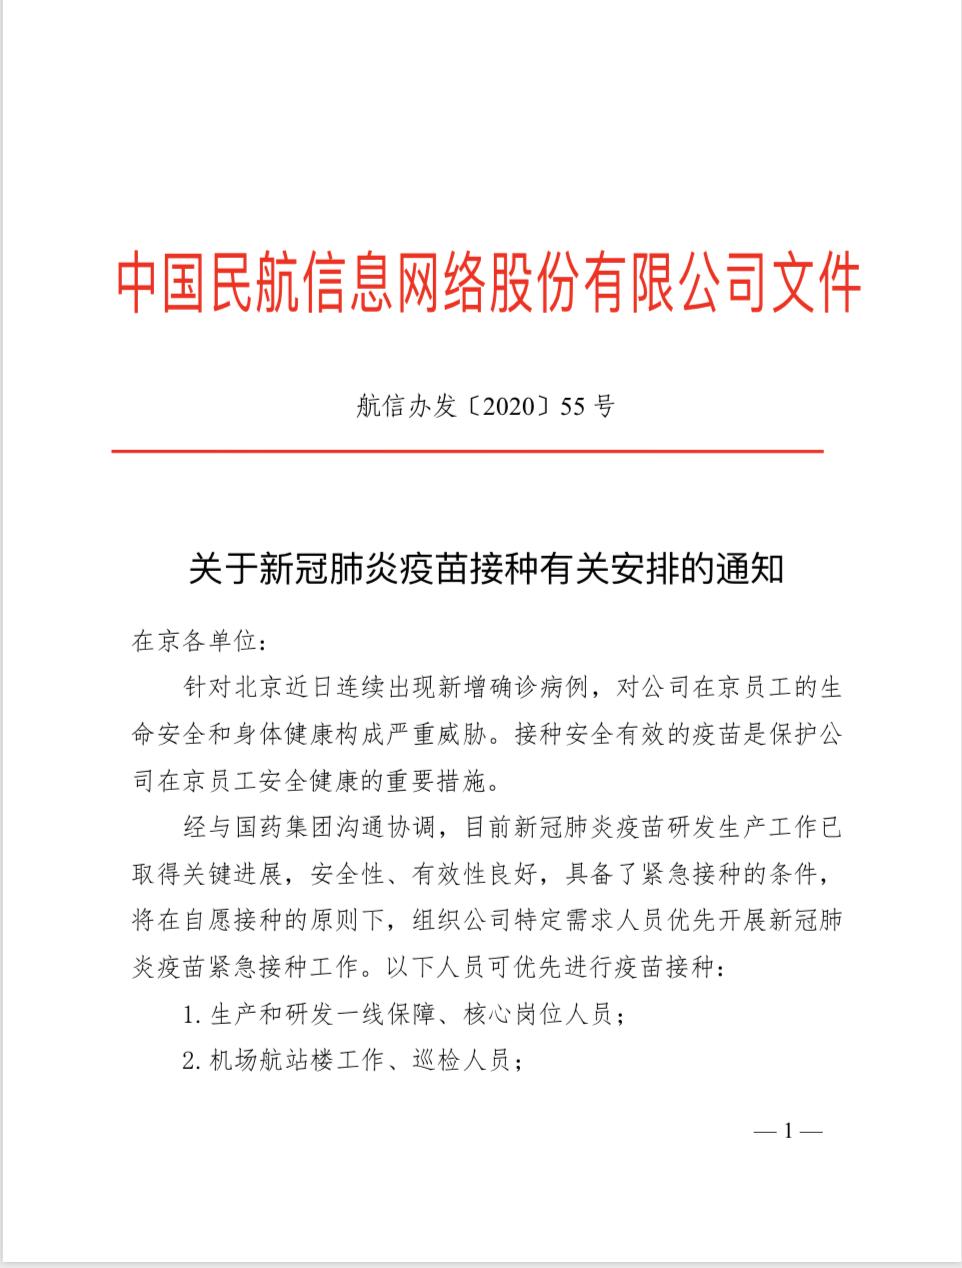 中國航信疫情防控工作領導小組於6月15日所發「关于新冠肺炎疫苗接种有关安排的通知」。(知情者提供)